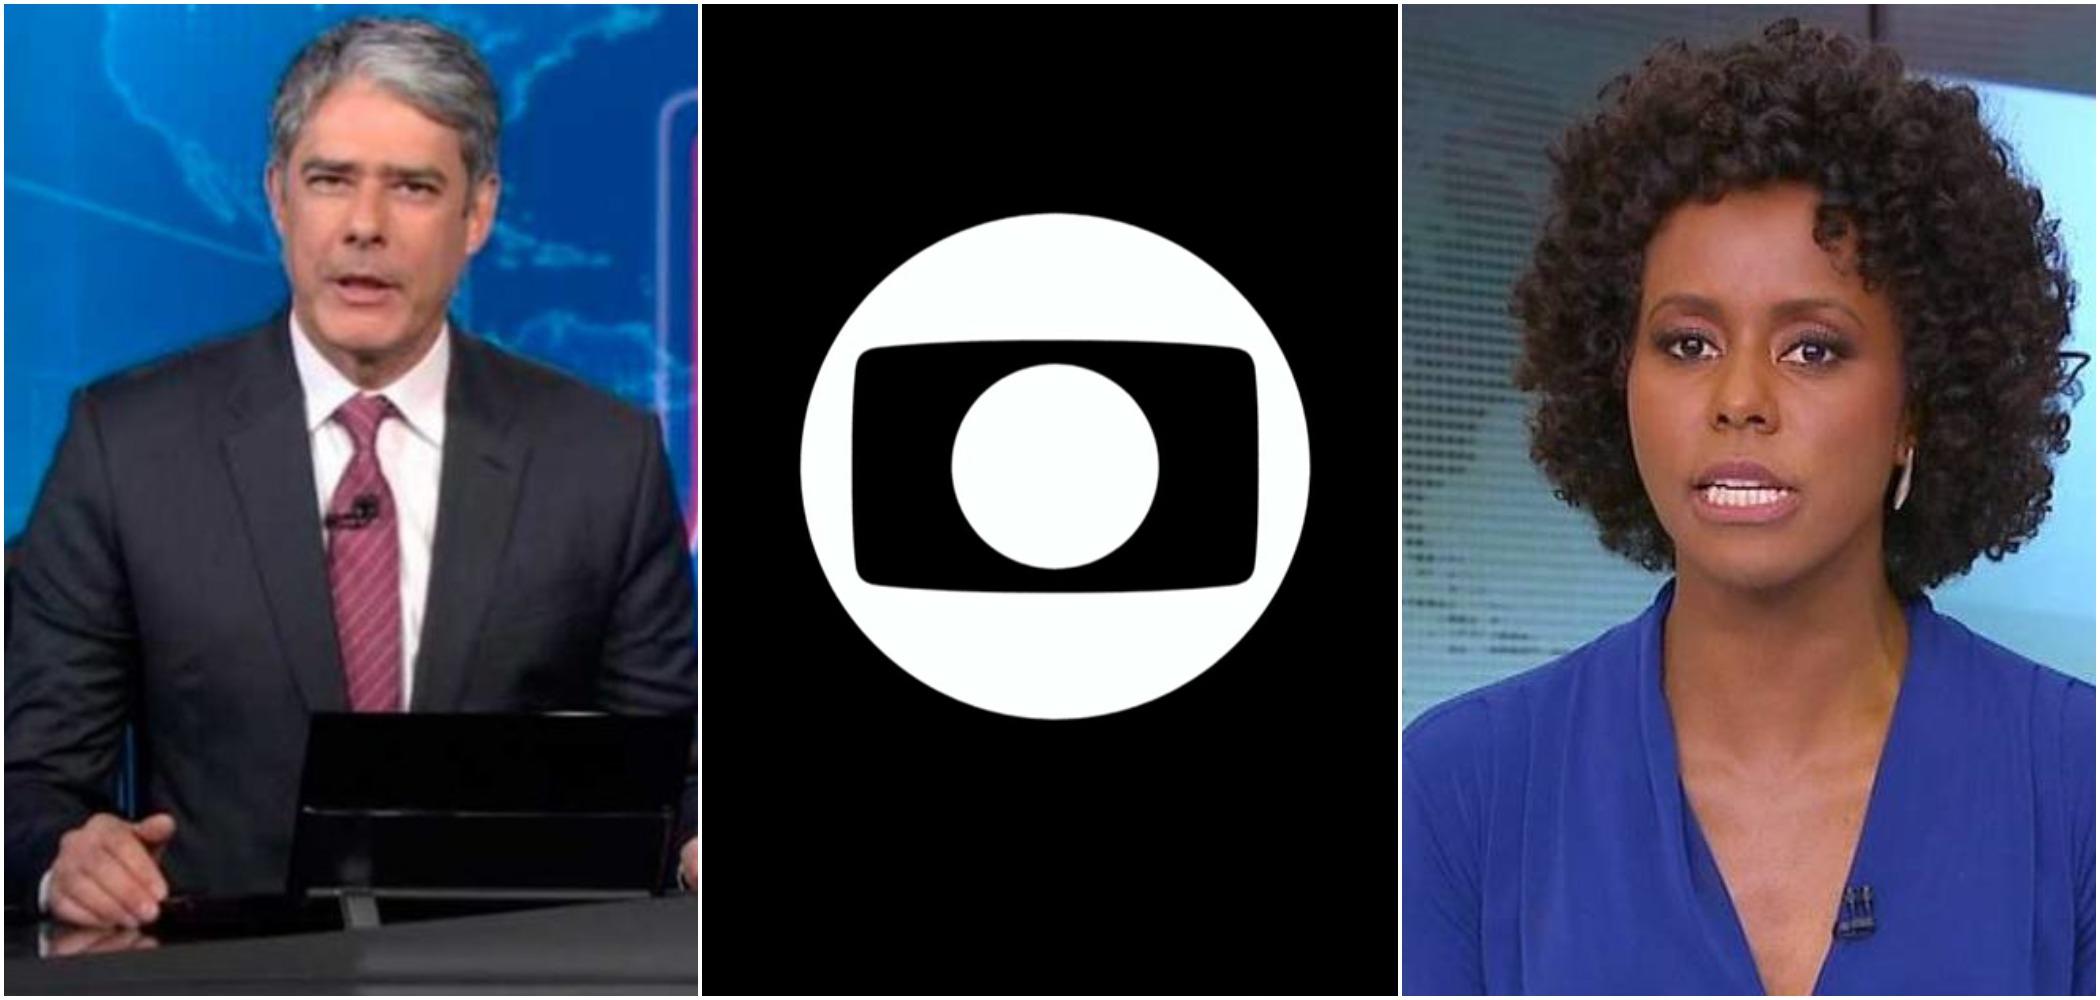 Os apresentadores de telejornais da Globo William Bonner e Maju Coutinho